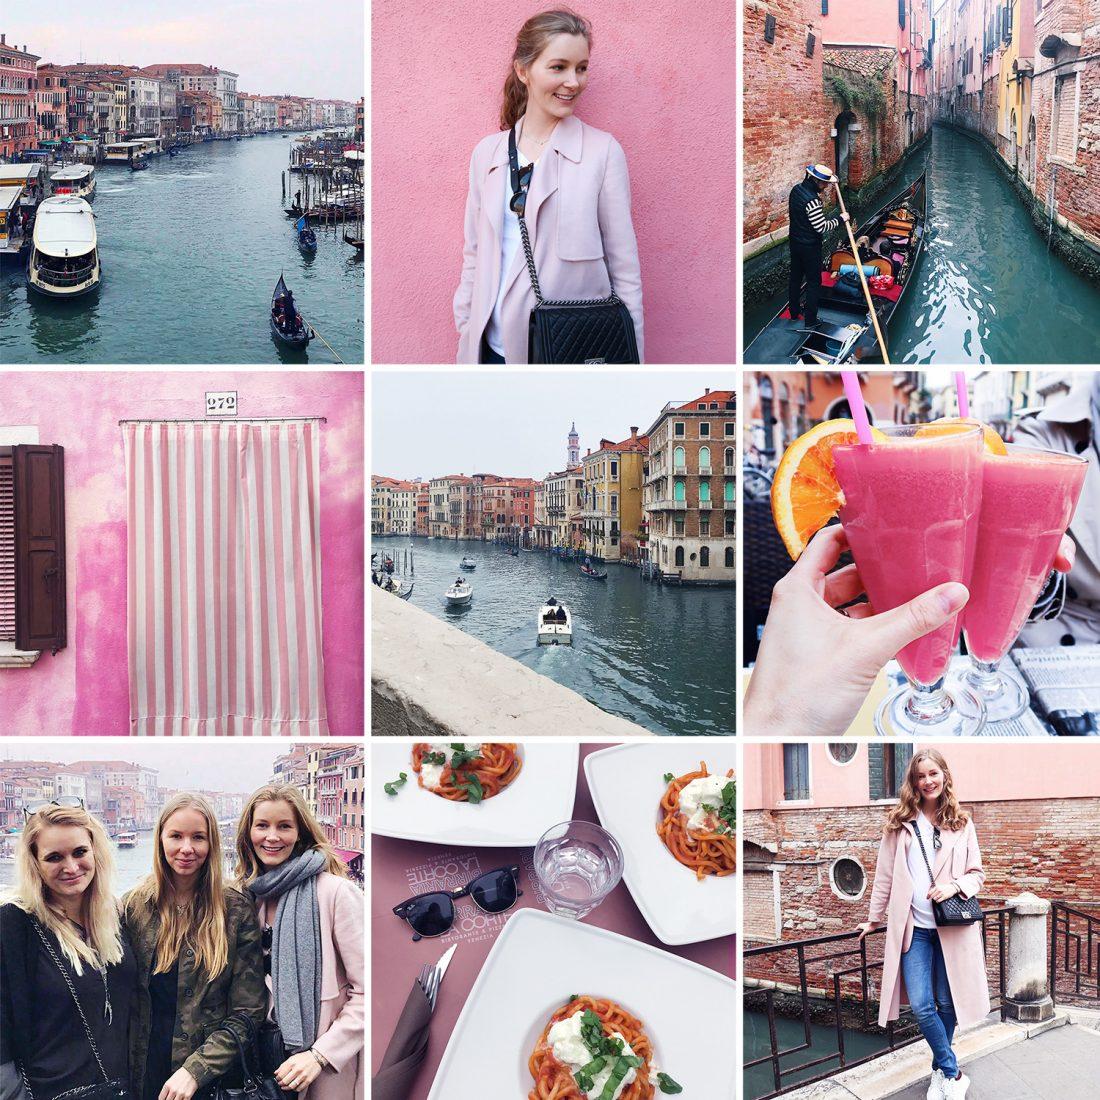 Venedig, Venice, storbyferie, Venezia